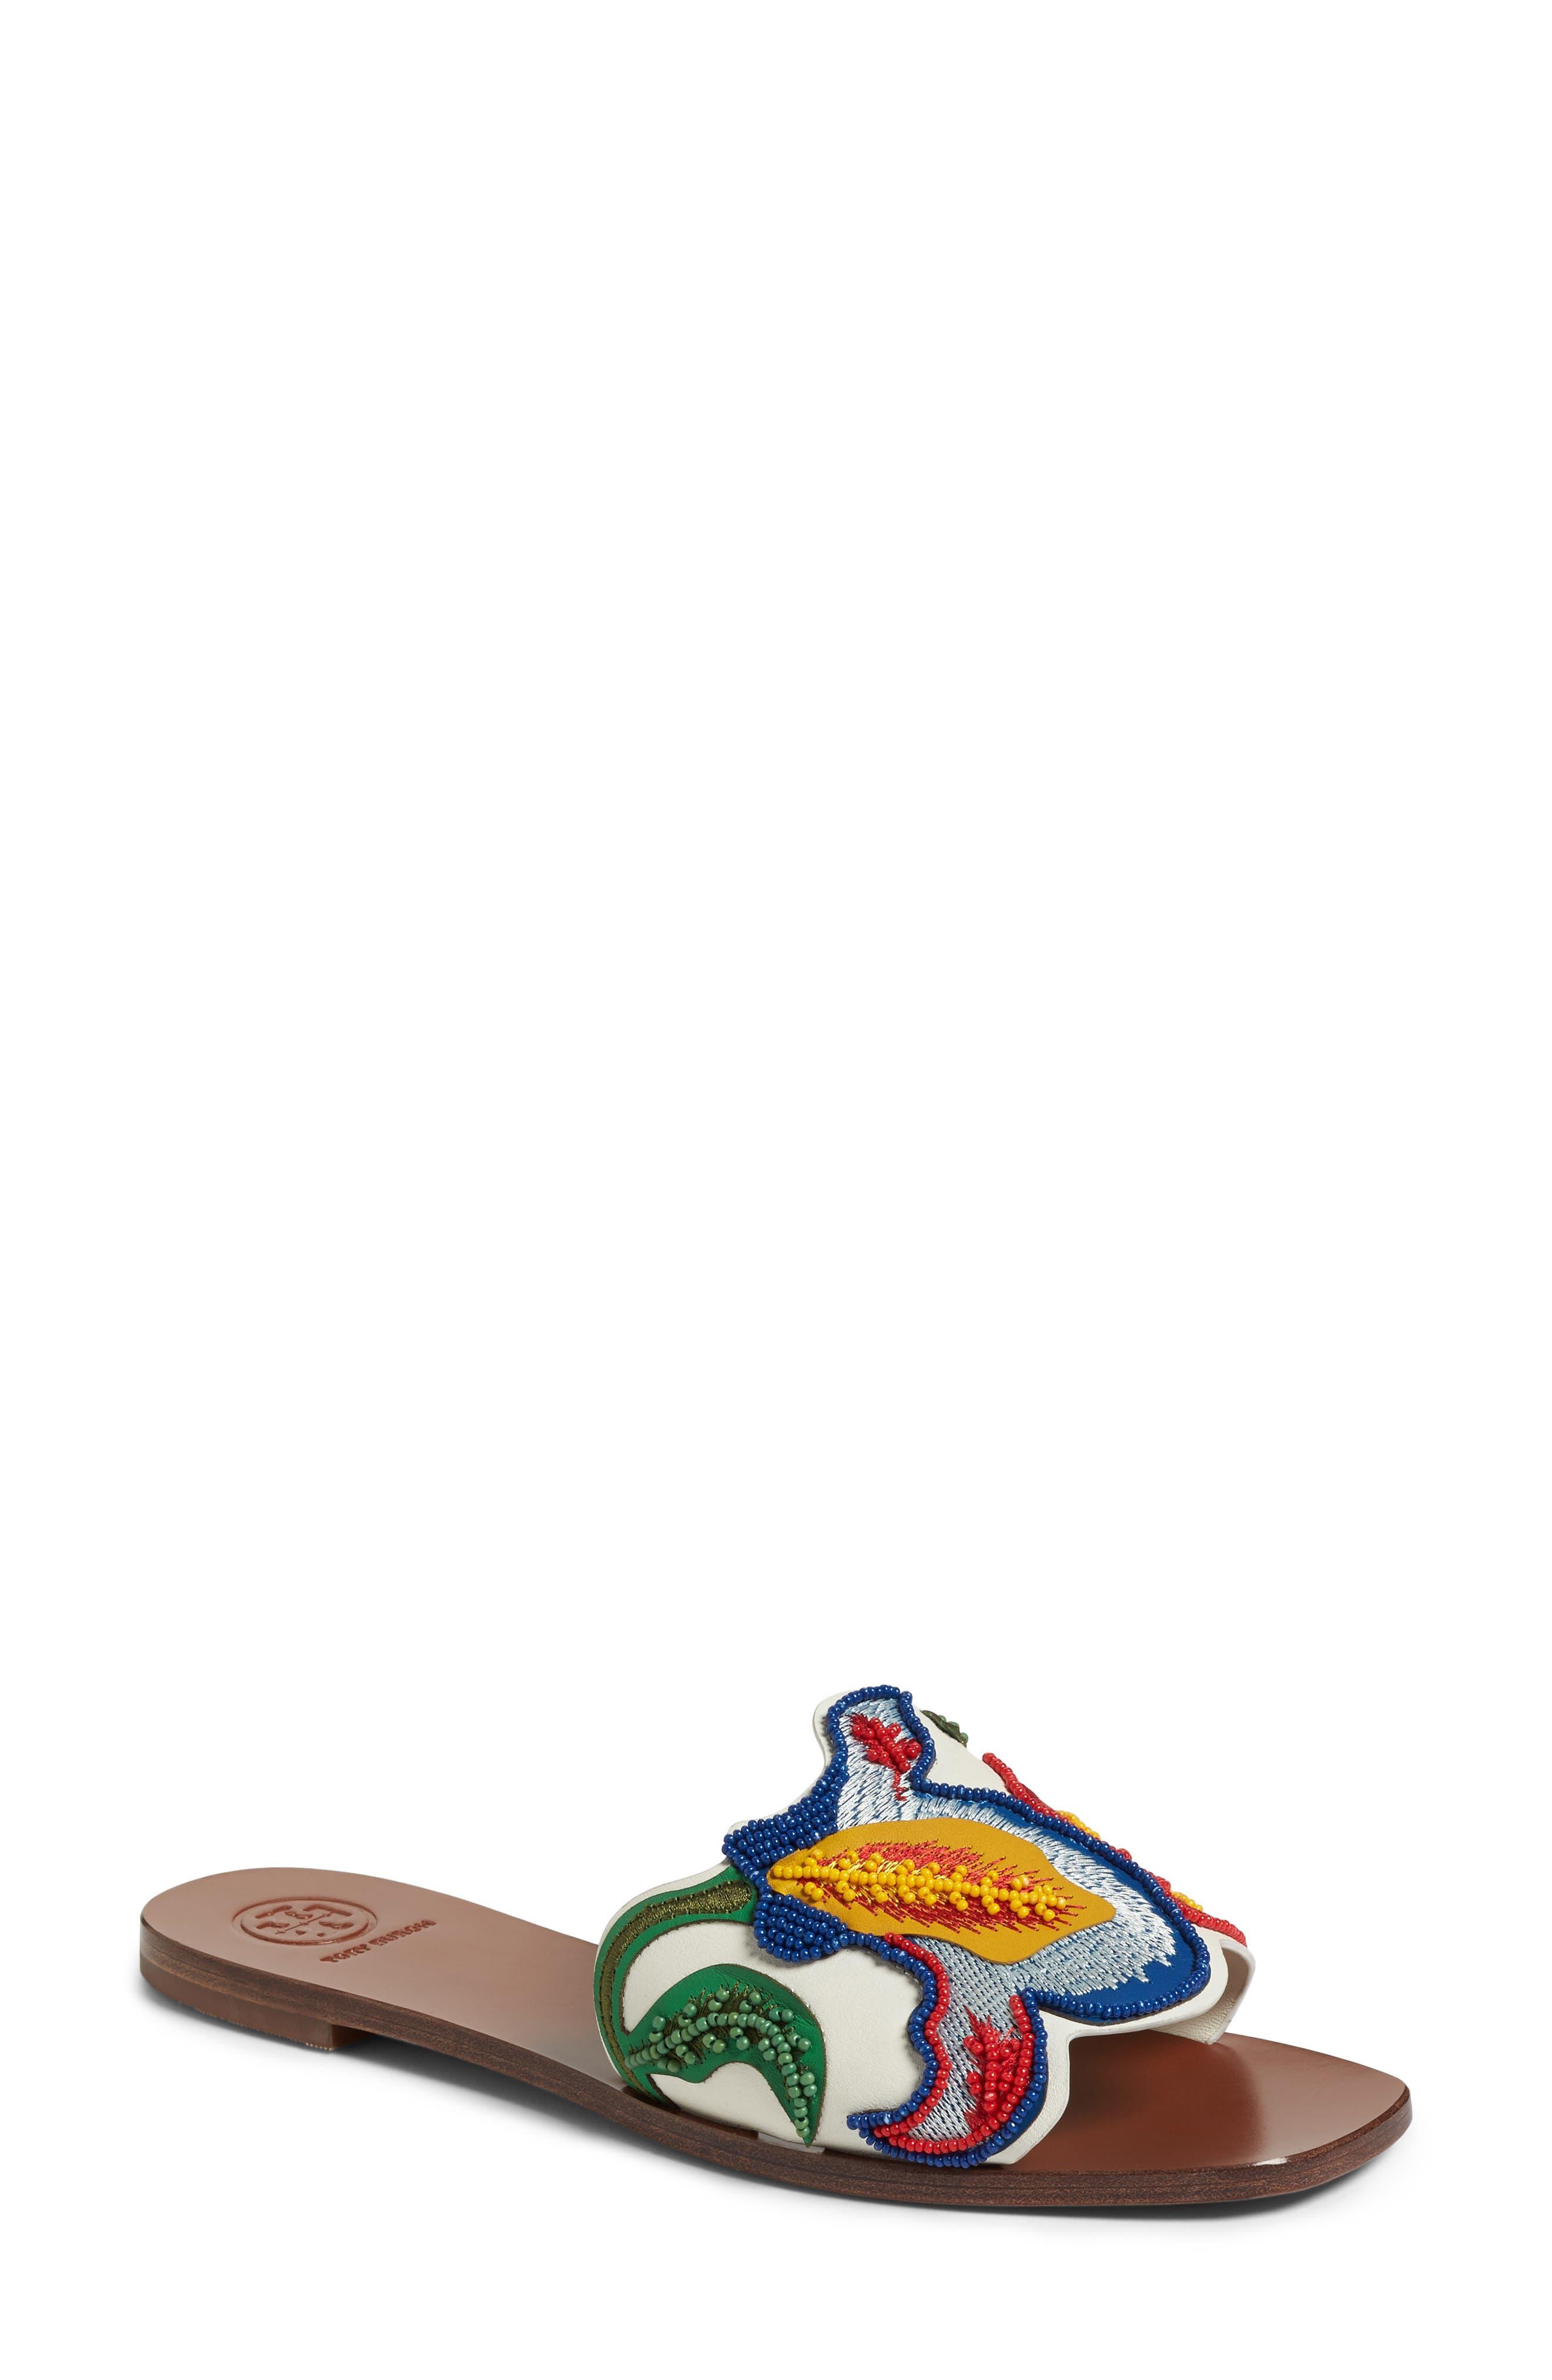 TORY BURCH,                             Bianca Floral Embellished Slide Sandal,                             Main thumbnail 1, color,                             900